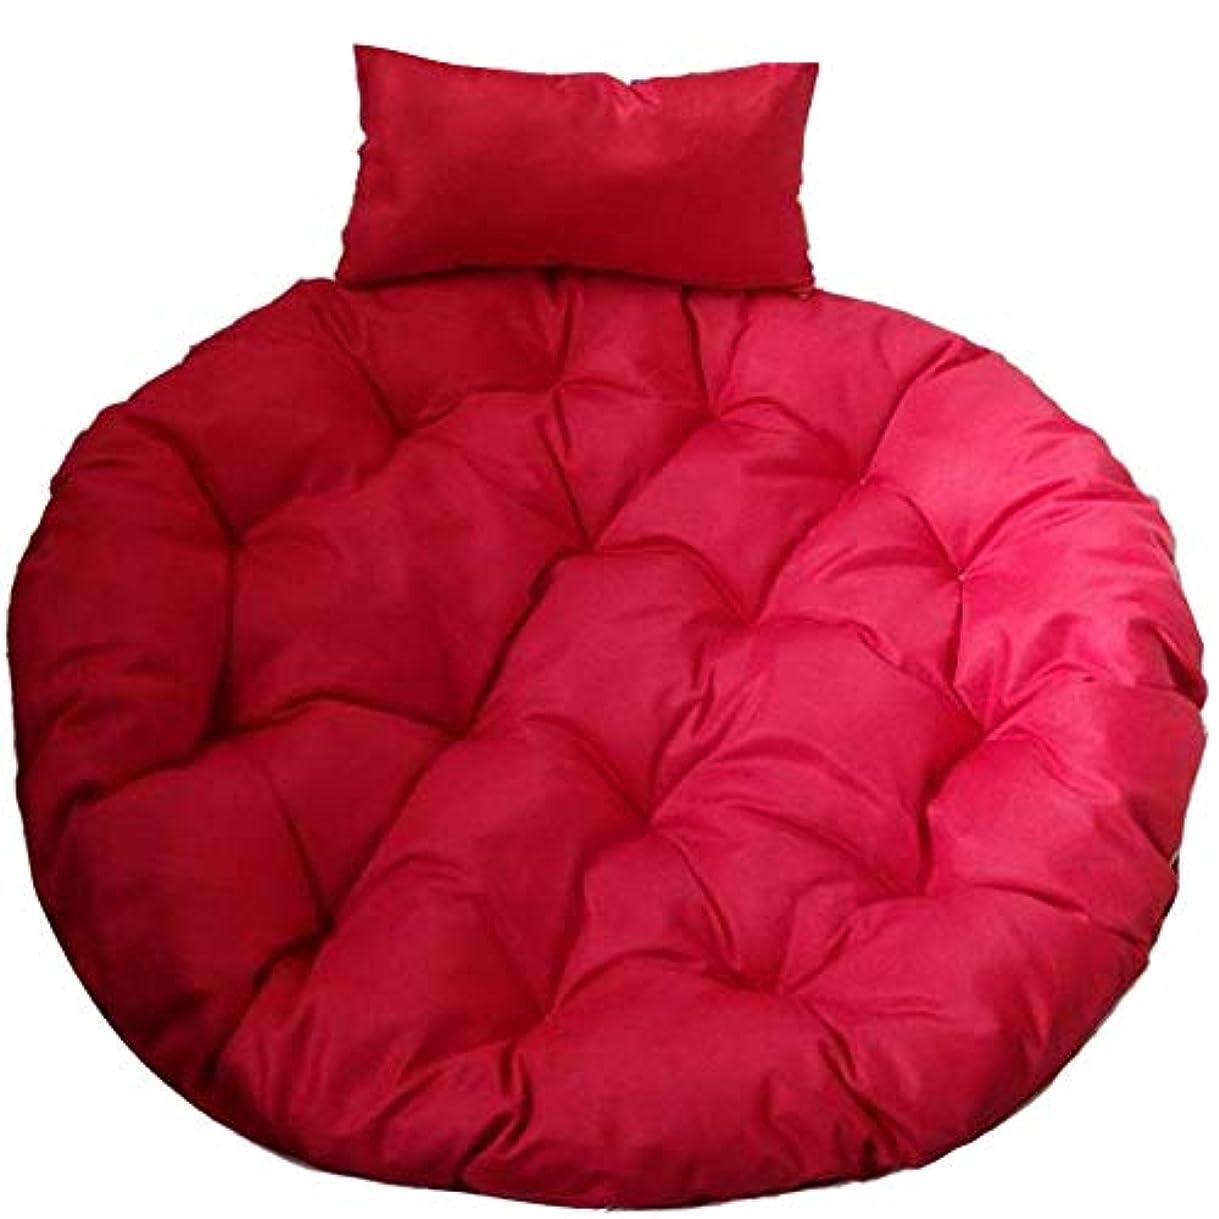 静けさ参加者ダメージ固体掛かる巣の椅子のクッション, 卵は、ハンモッククッションをぶら下げジッパー付きの厚いソファクッションバスケットスイングチェアパッドを定形- 103x103cm